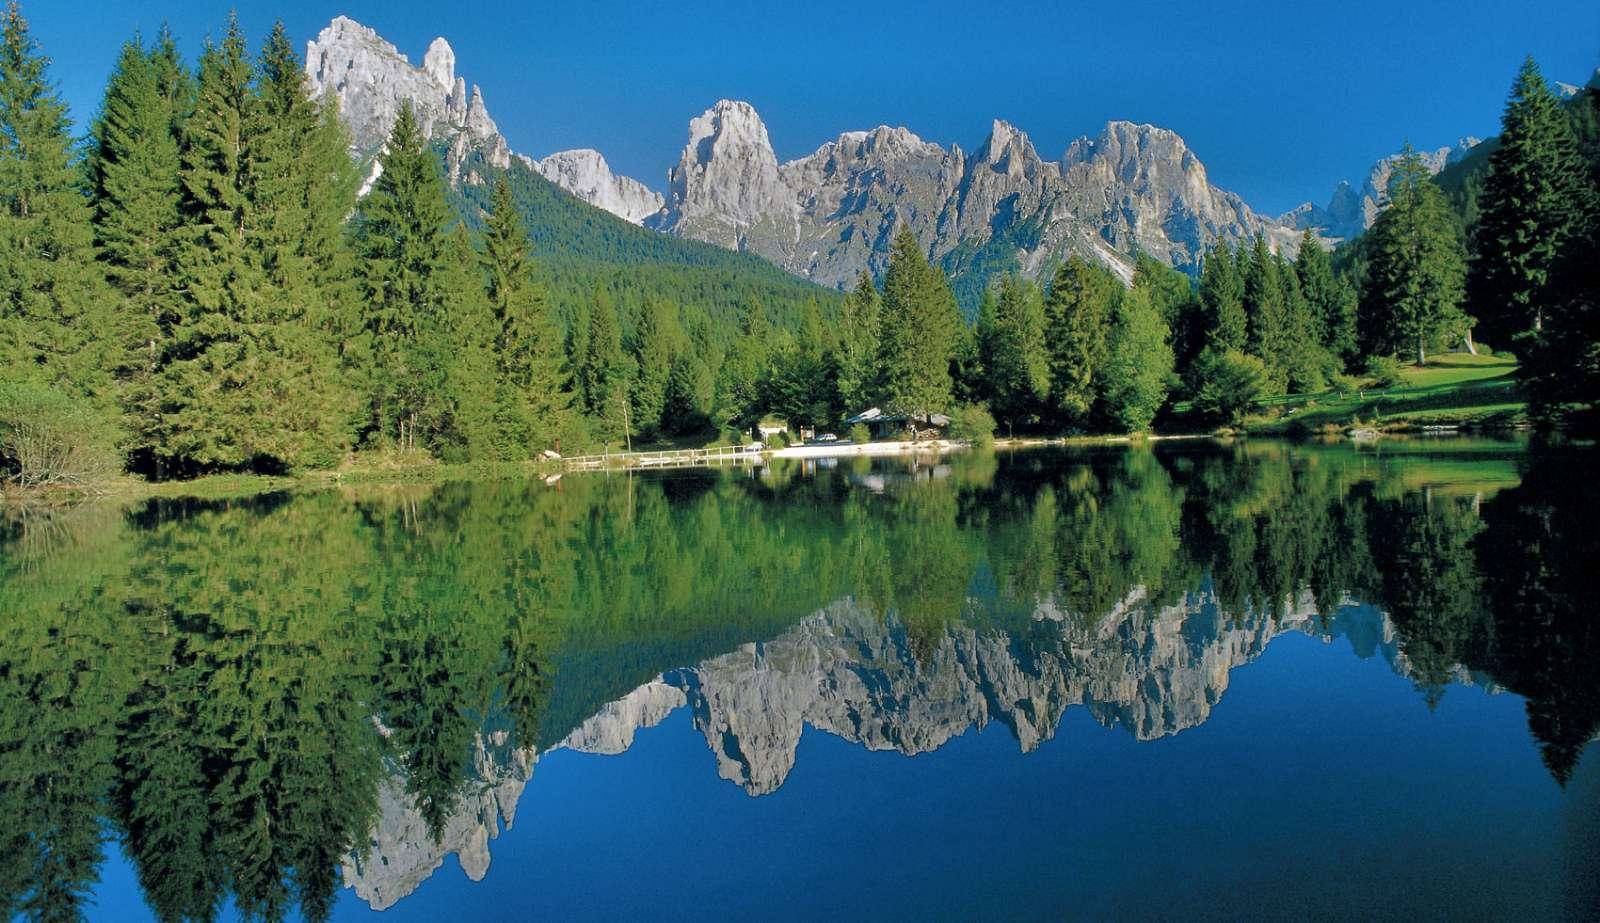 Lacs, forêts et montagnes dignes de chefs d'oeuvre!